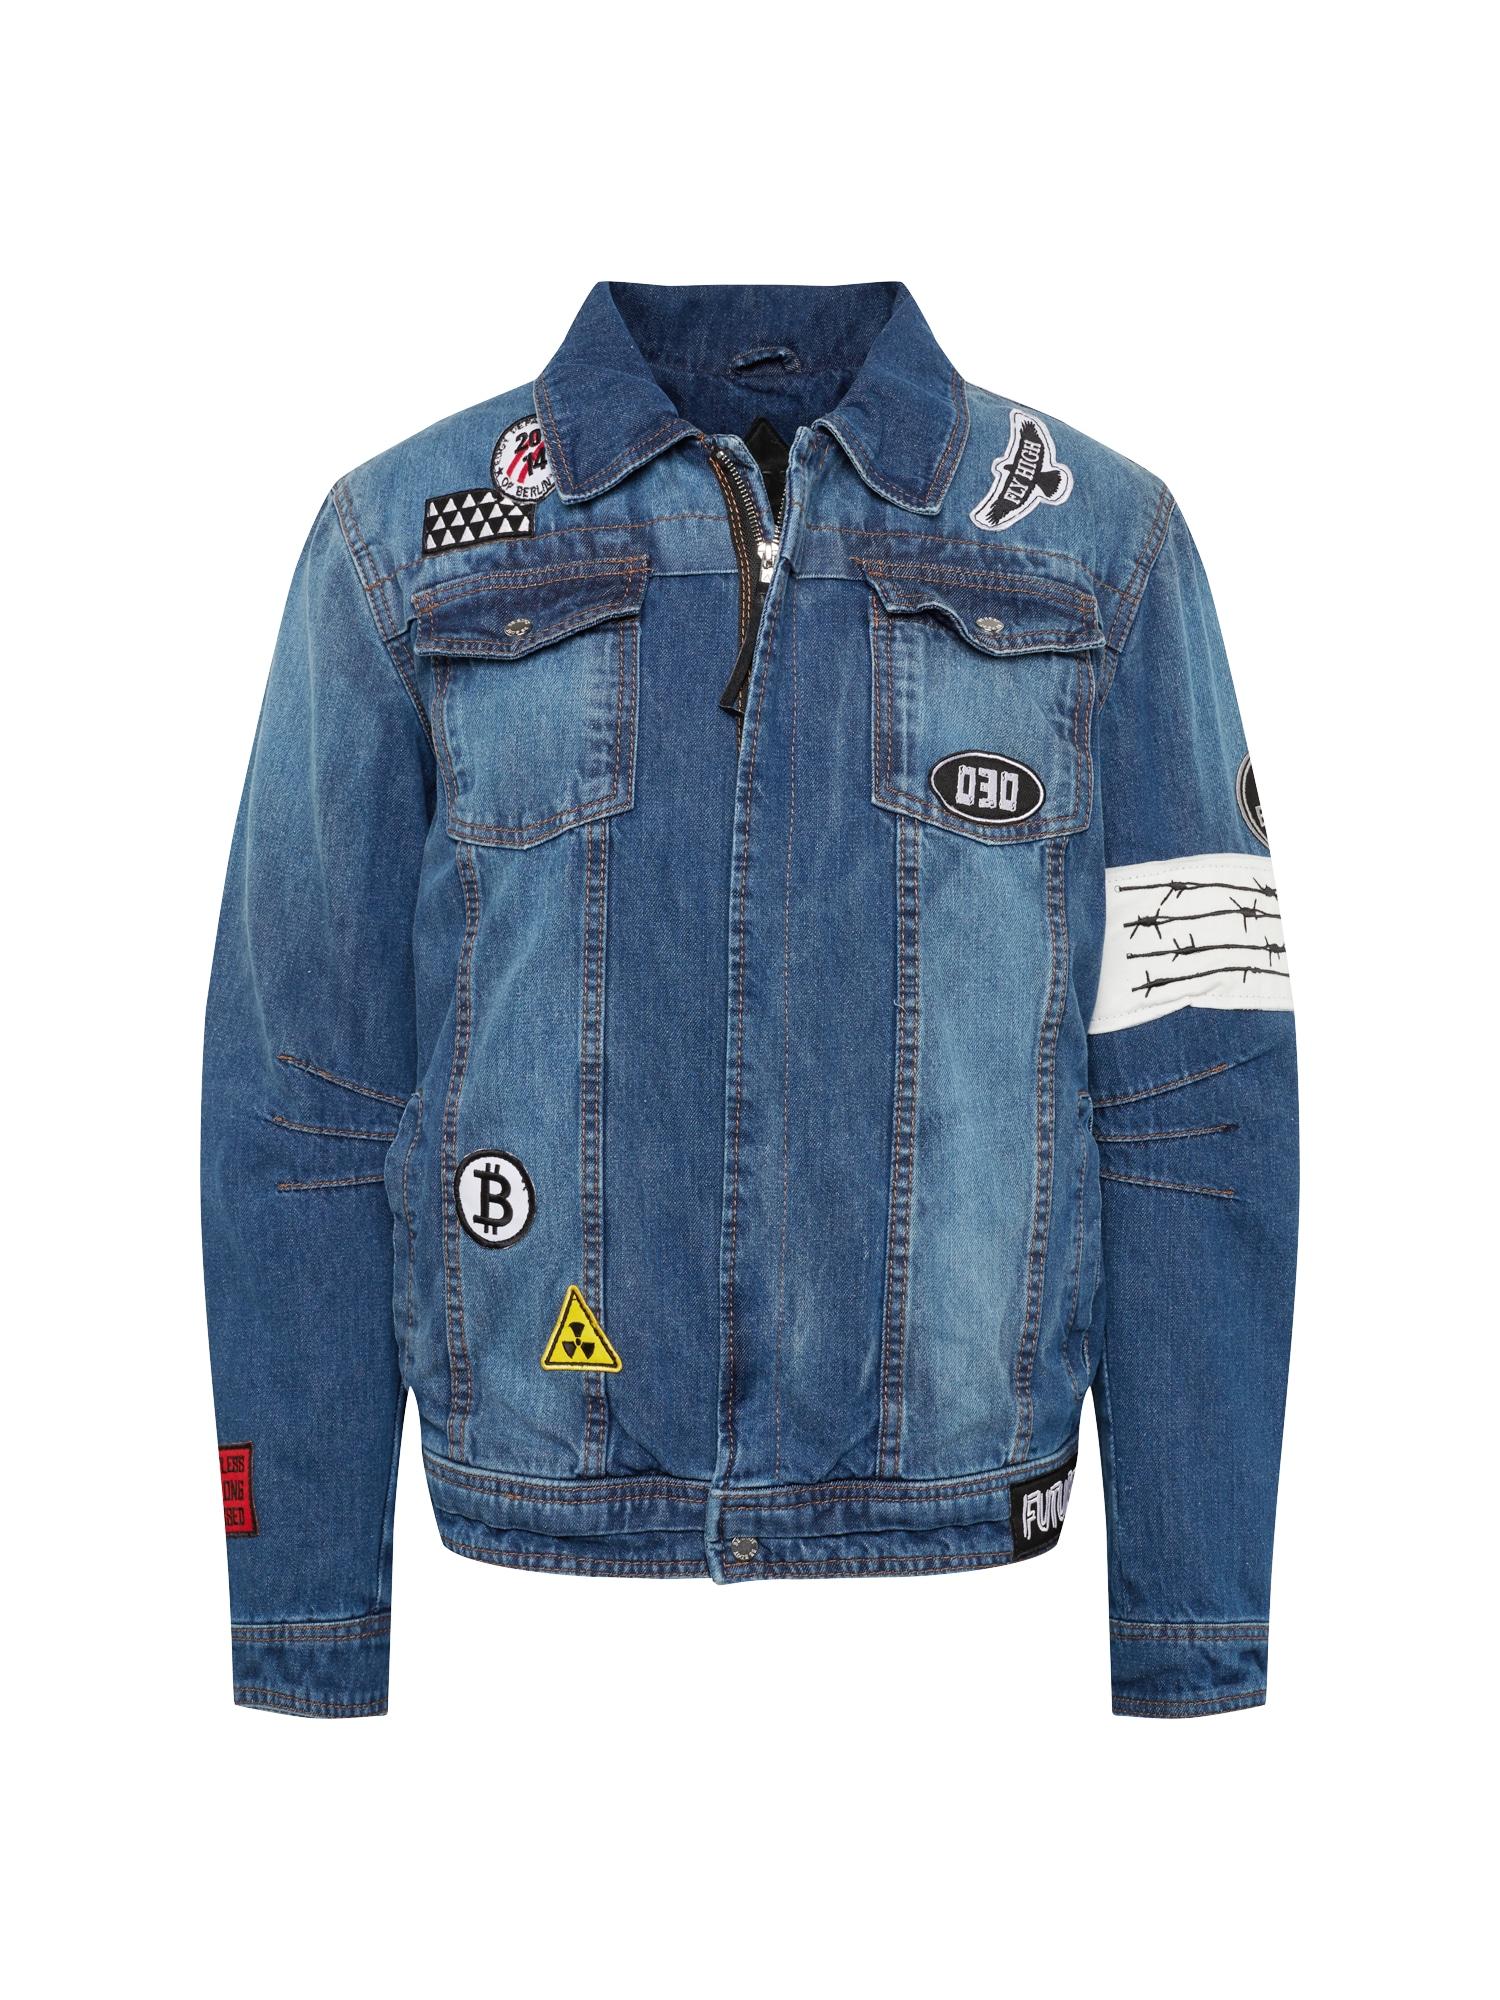 Přechodná bunda BEdusty D modrá džínovina BE EDGY